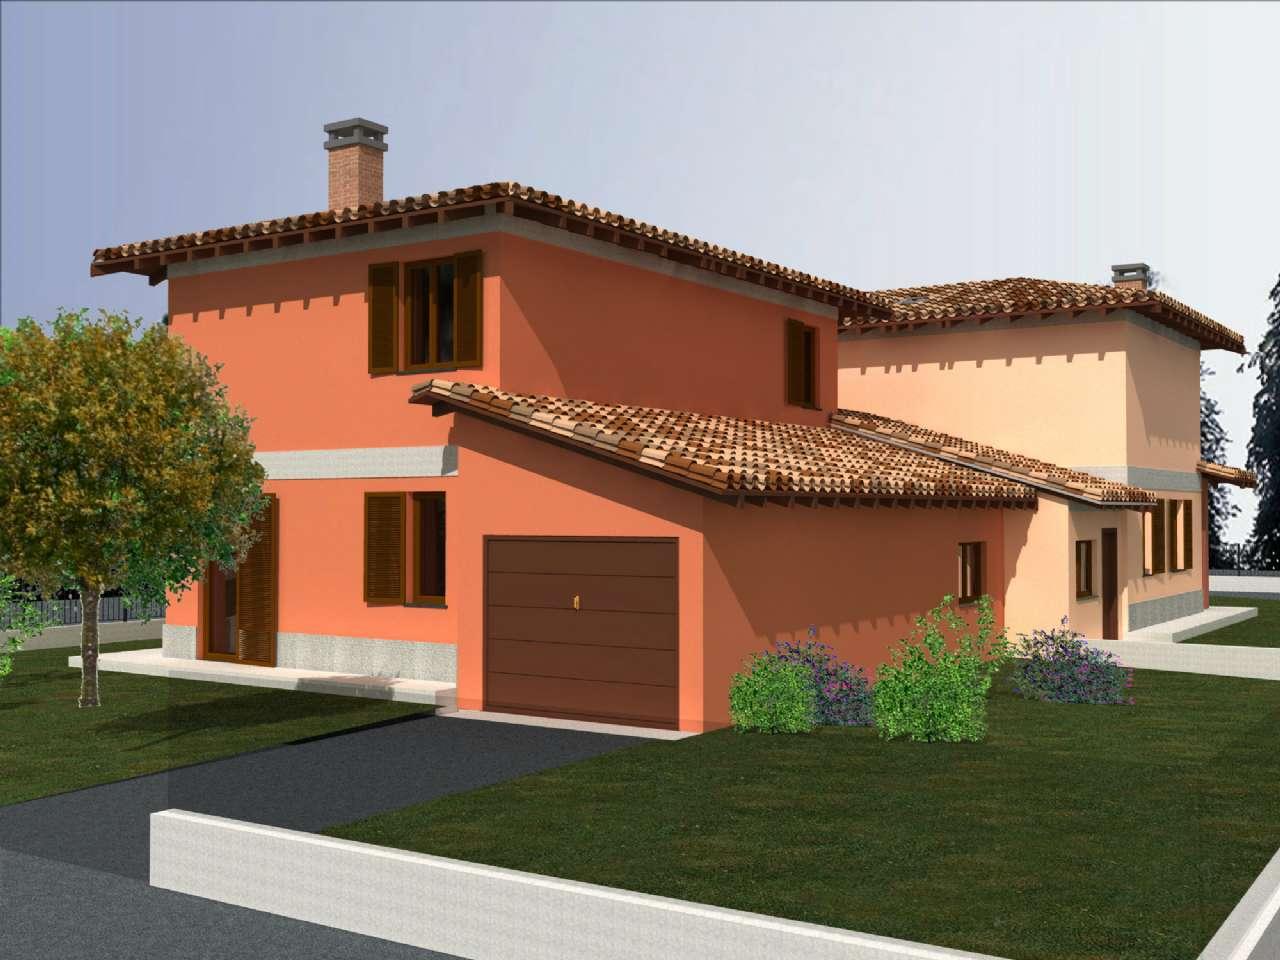 Villa Bifamiliare in Vendita a Crema